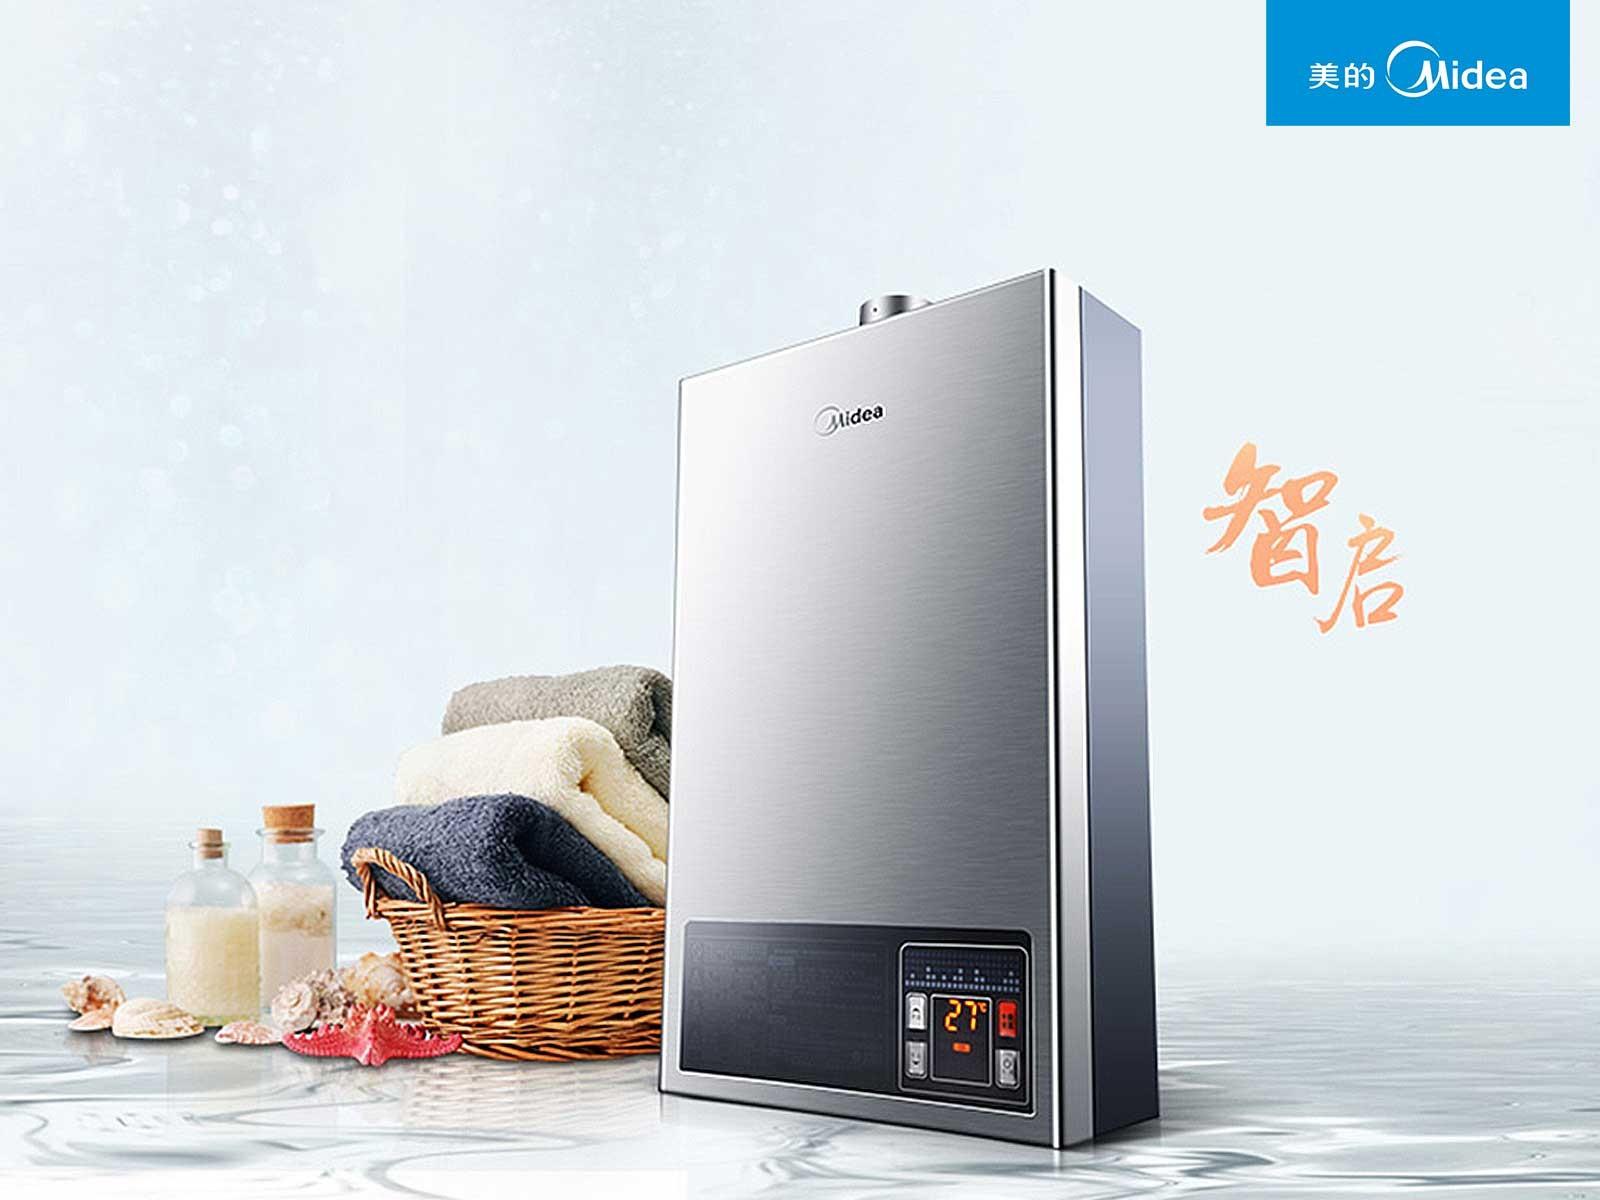 美的电采暖炉价格—美的电采暖炉价格影响因素